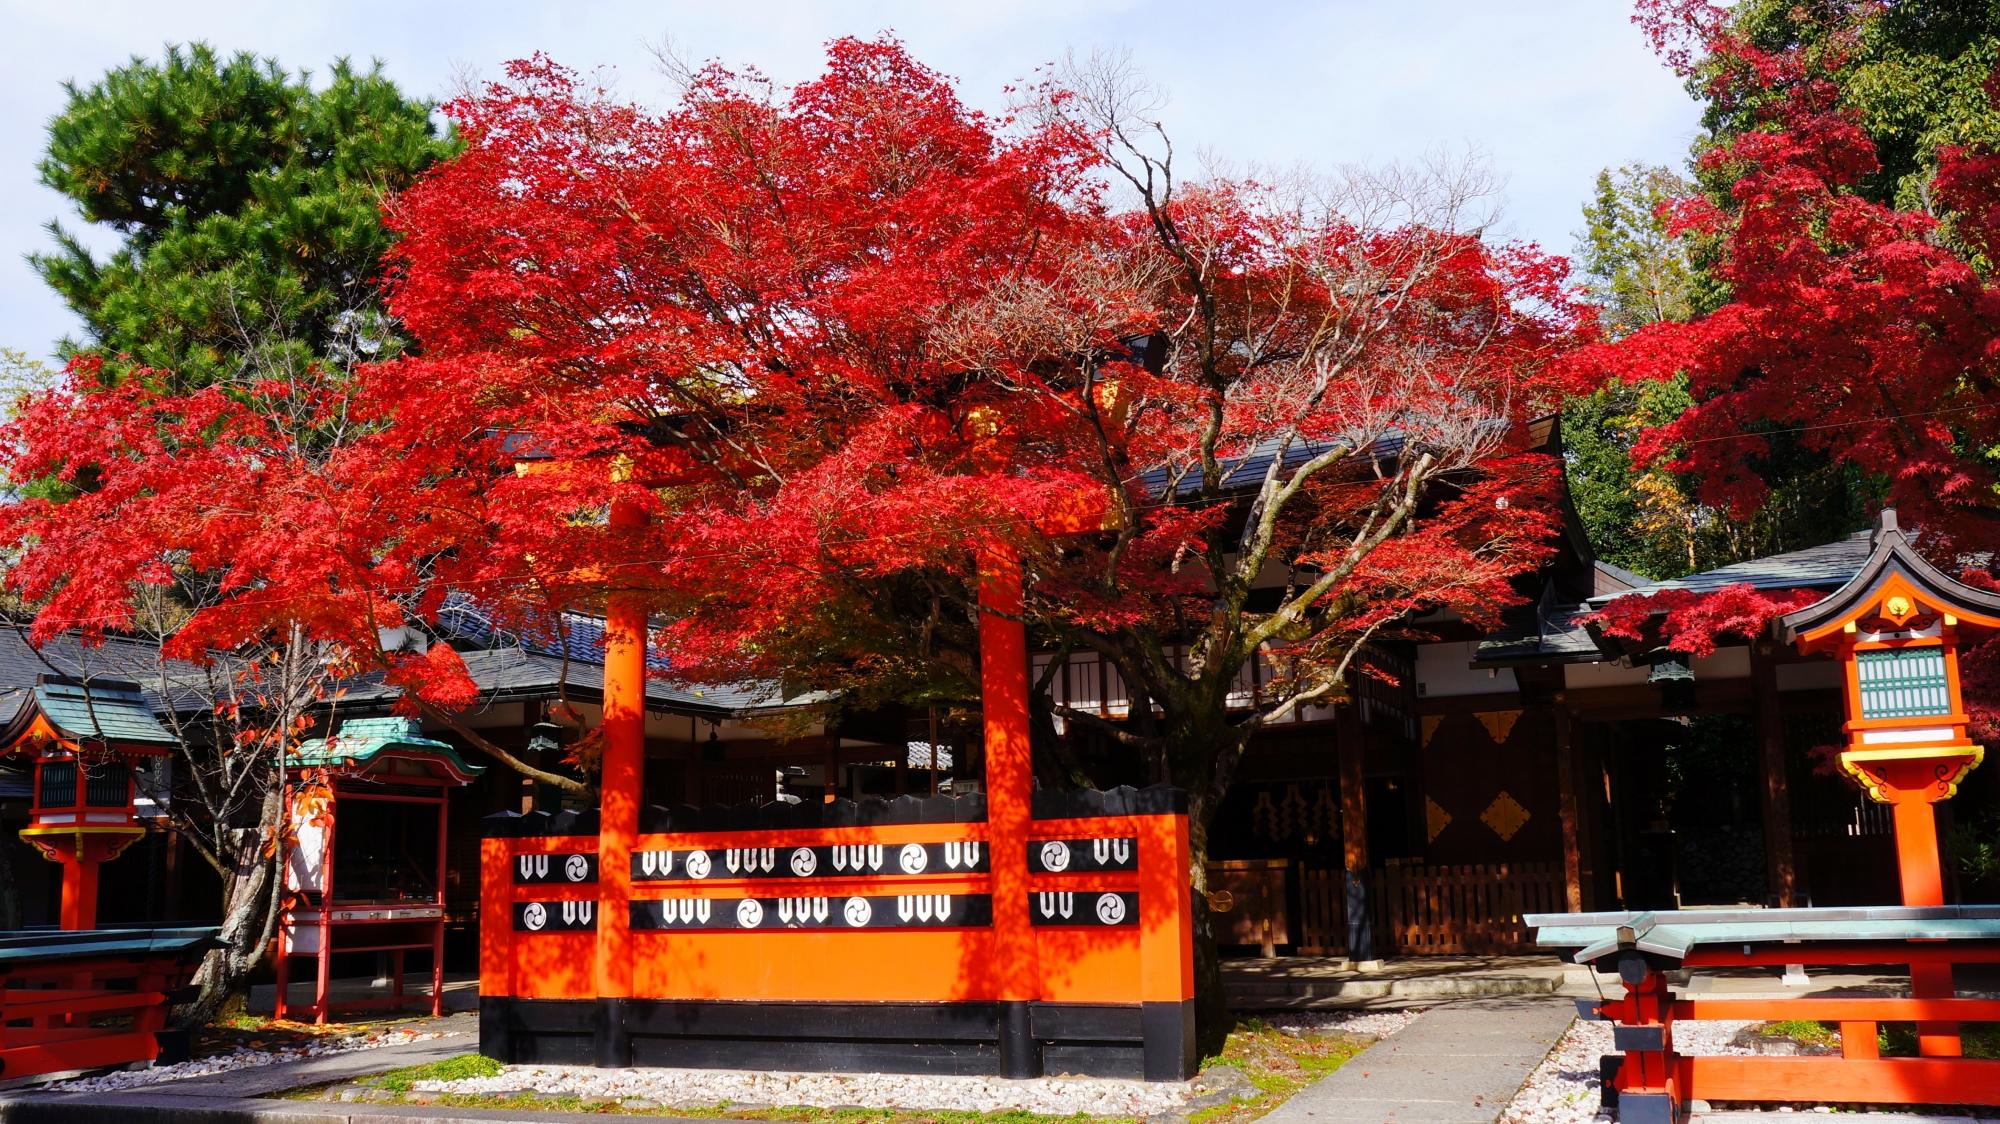 本殿と鳥居を彩る流れるような紅葉